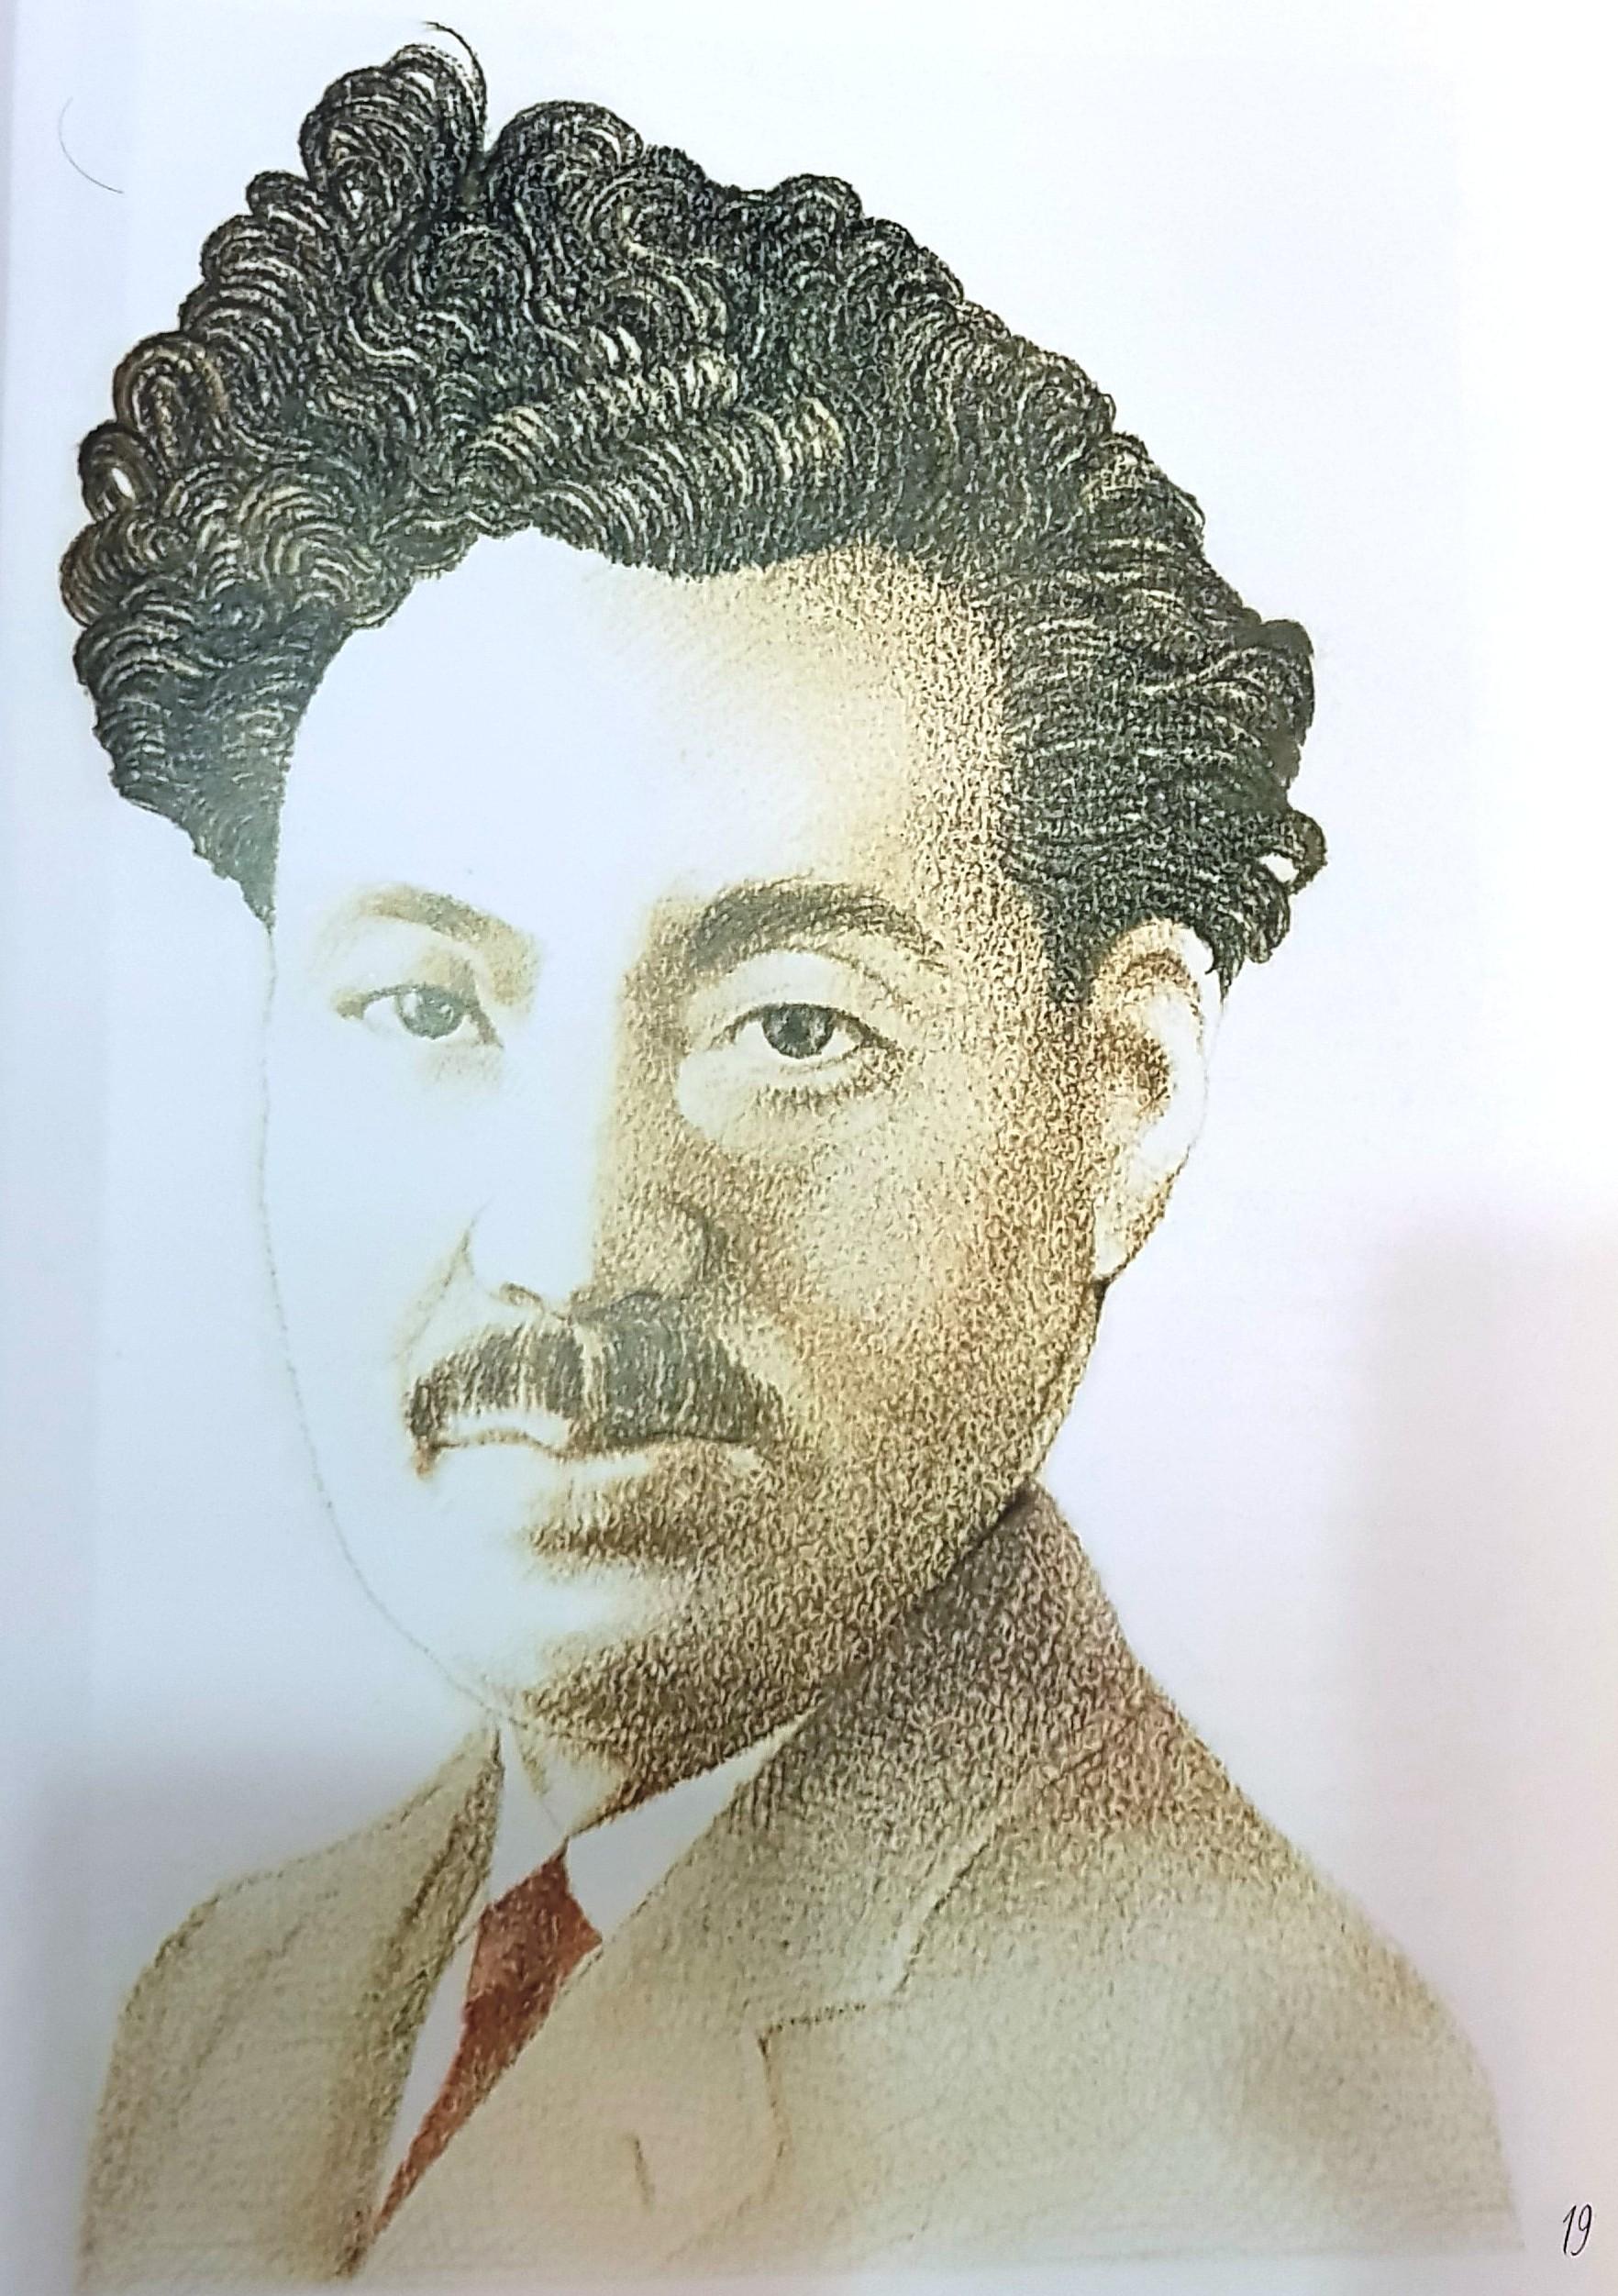 DR. HIDEYO NOGUCHI